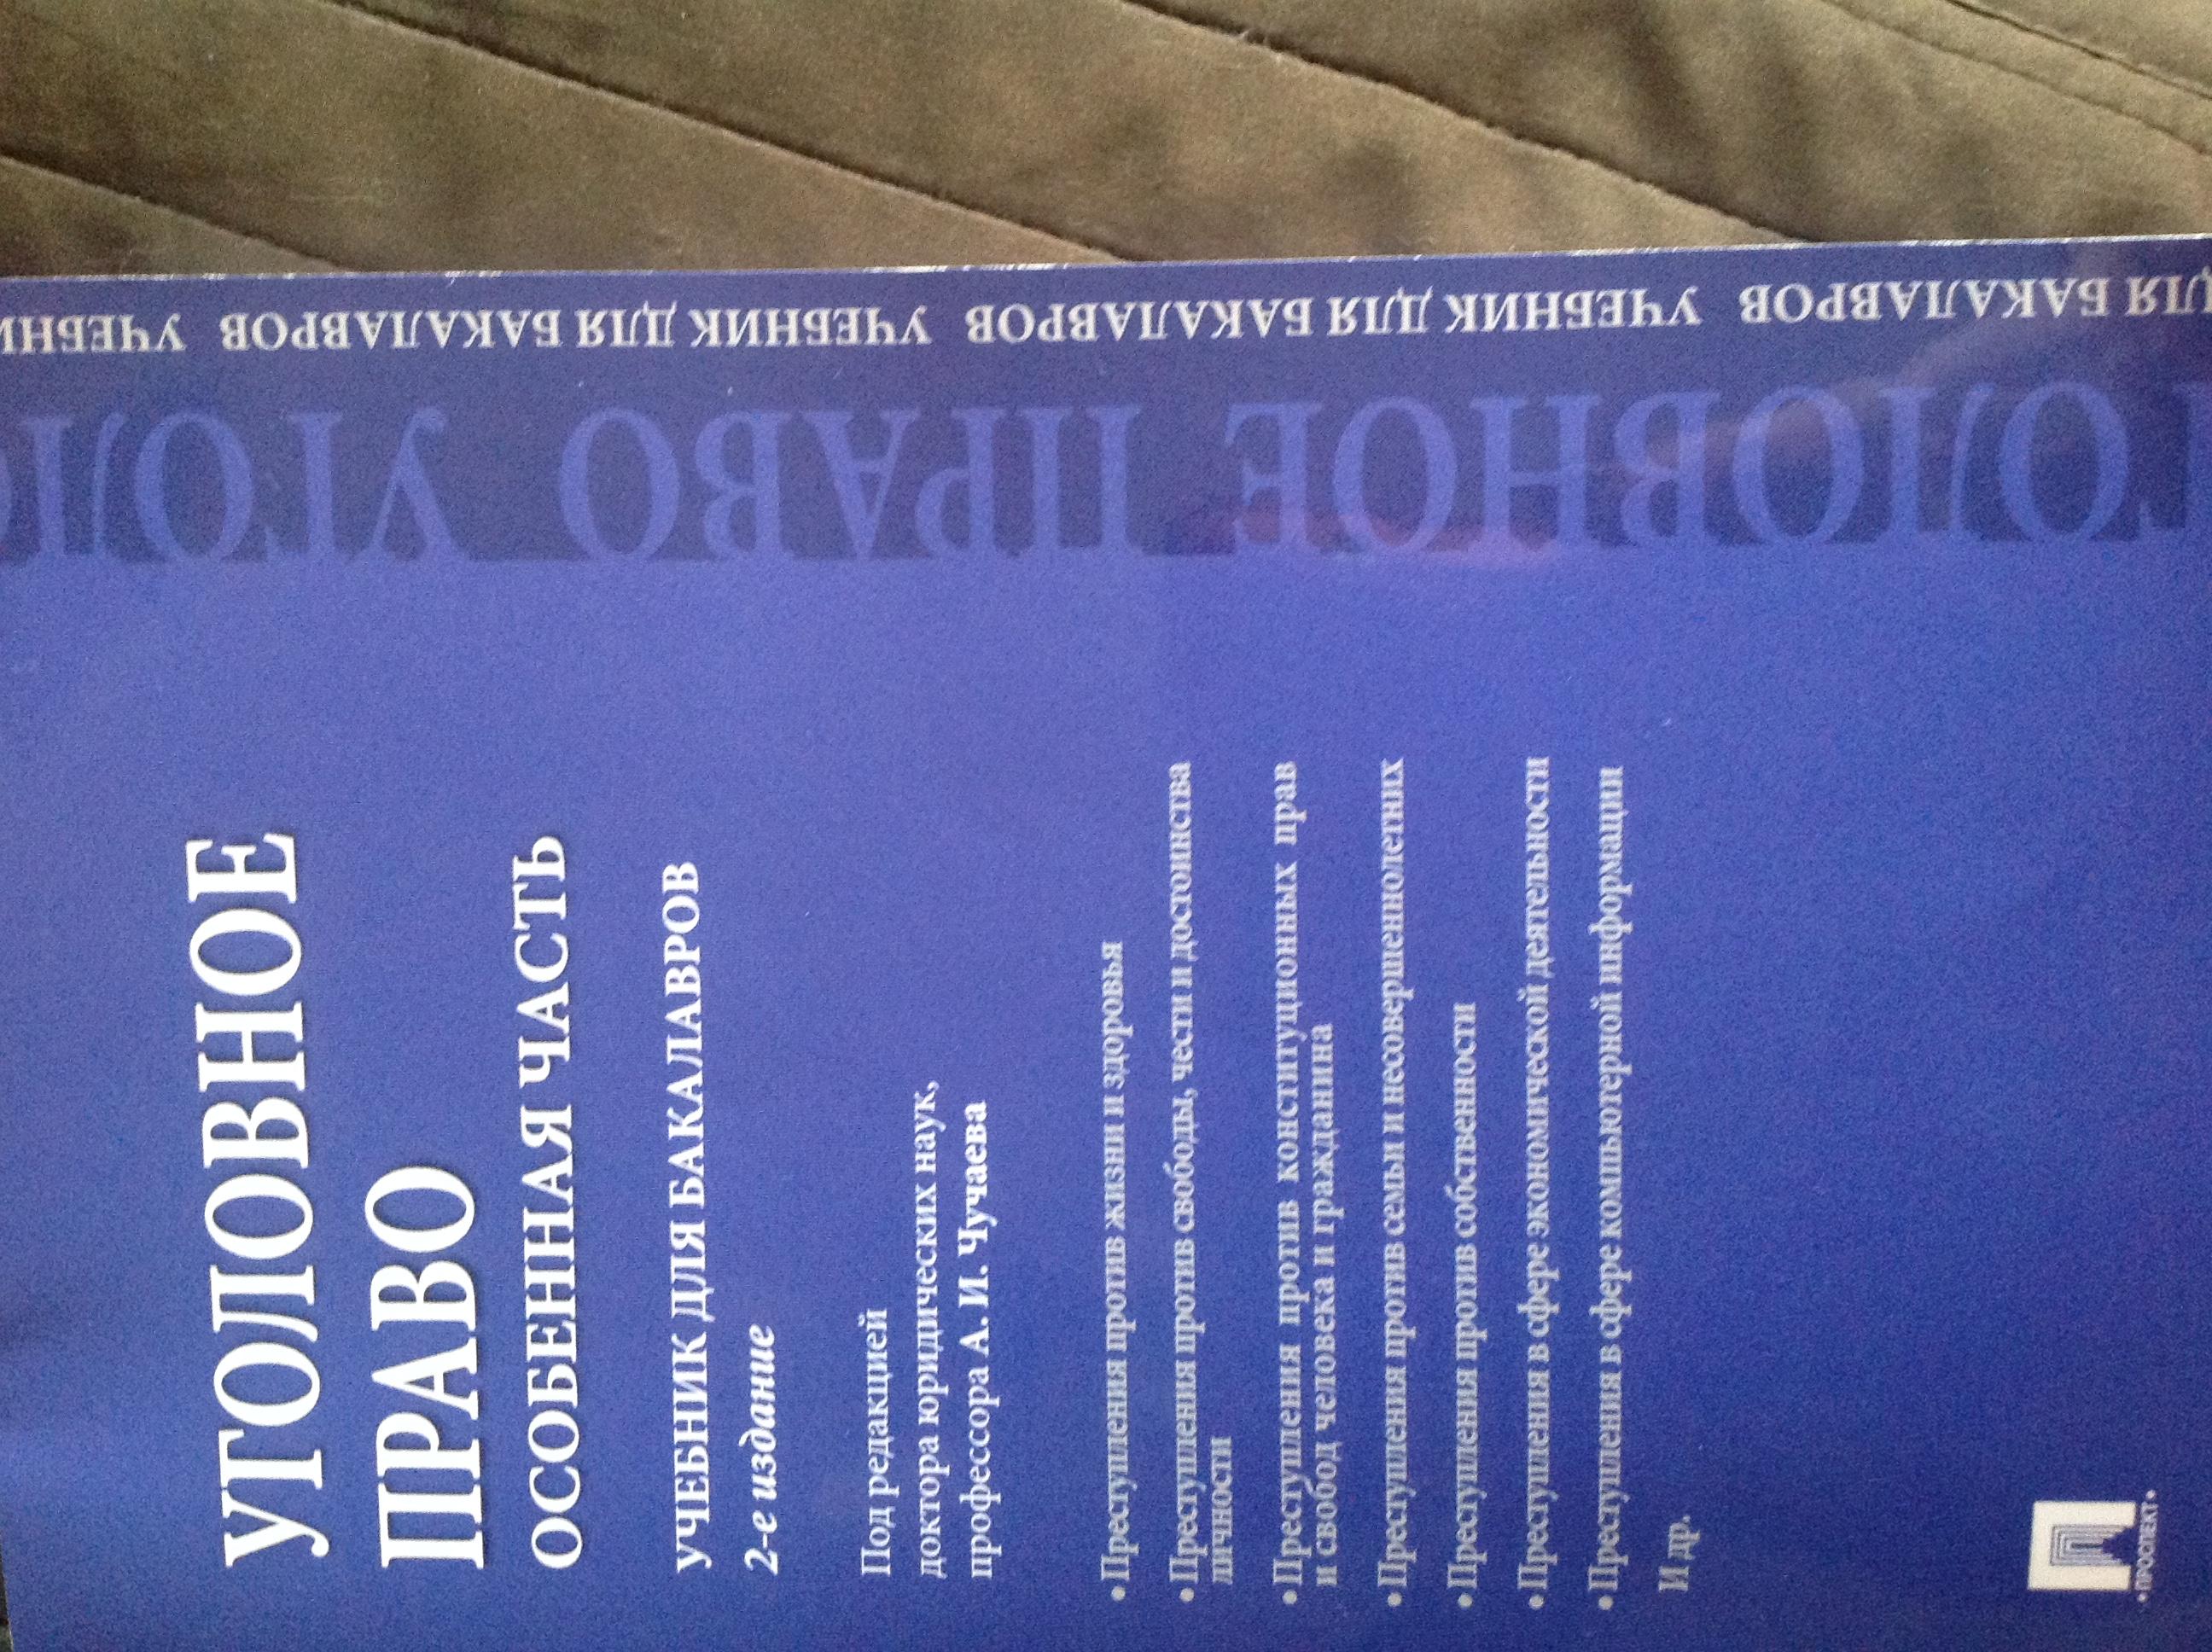 Уголовное право. Особенная часть: учебник для бакалавров. 2-е изд., перераб. и доп.